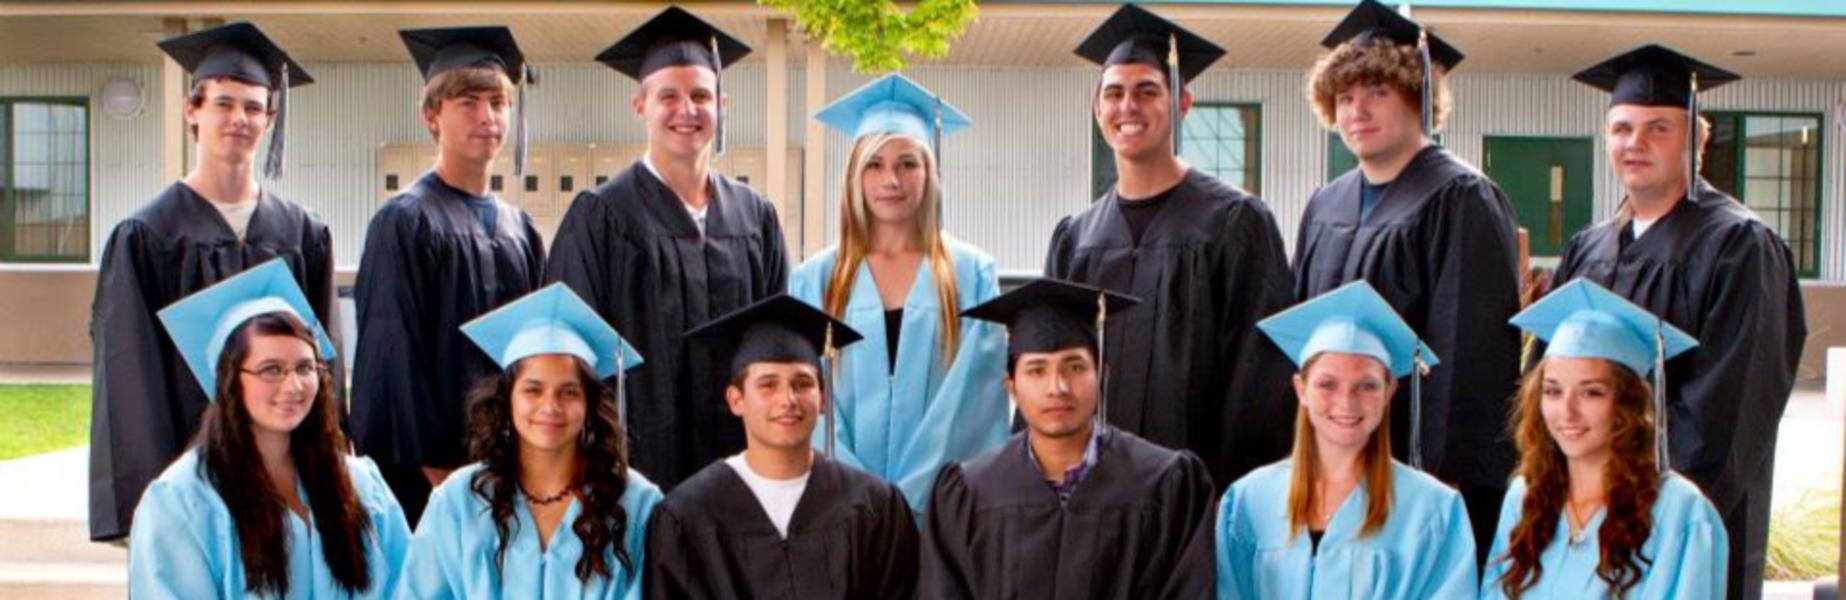 CRA Graduation